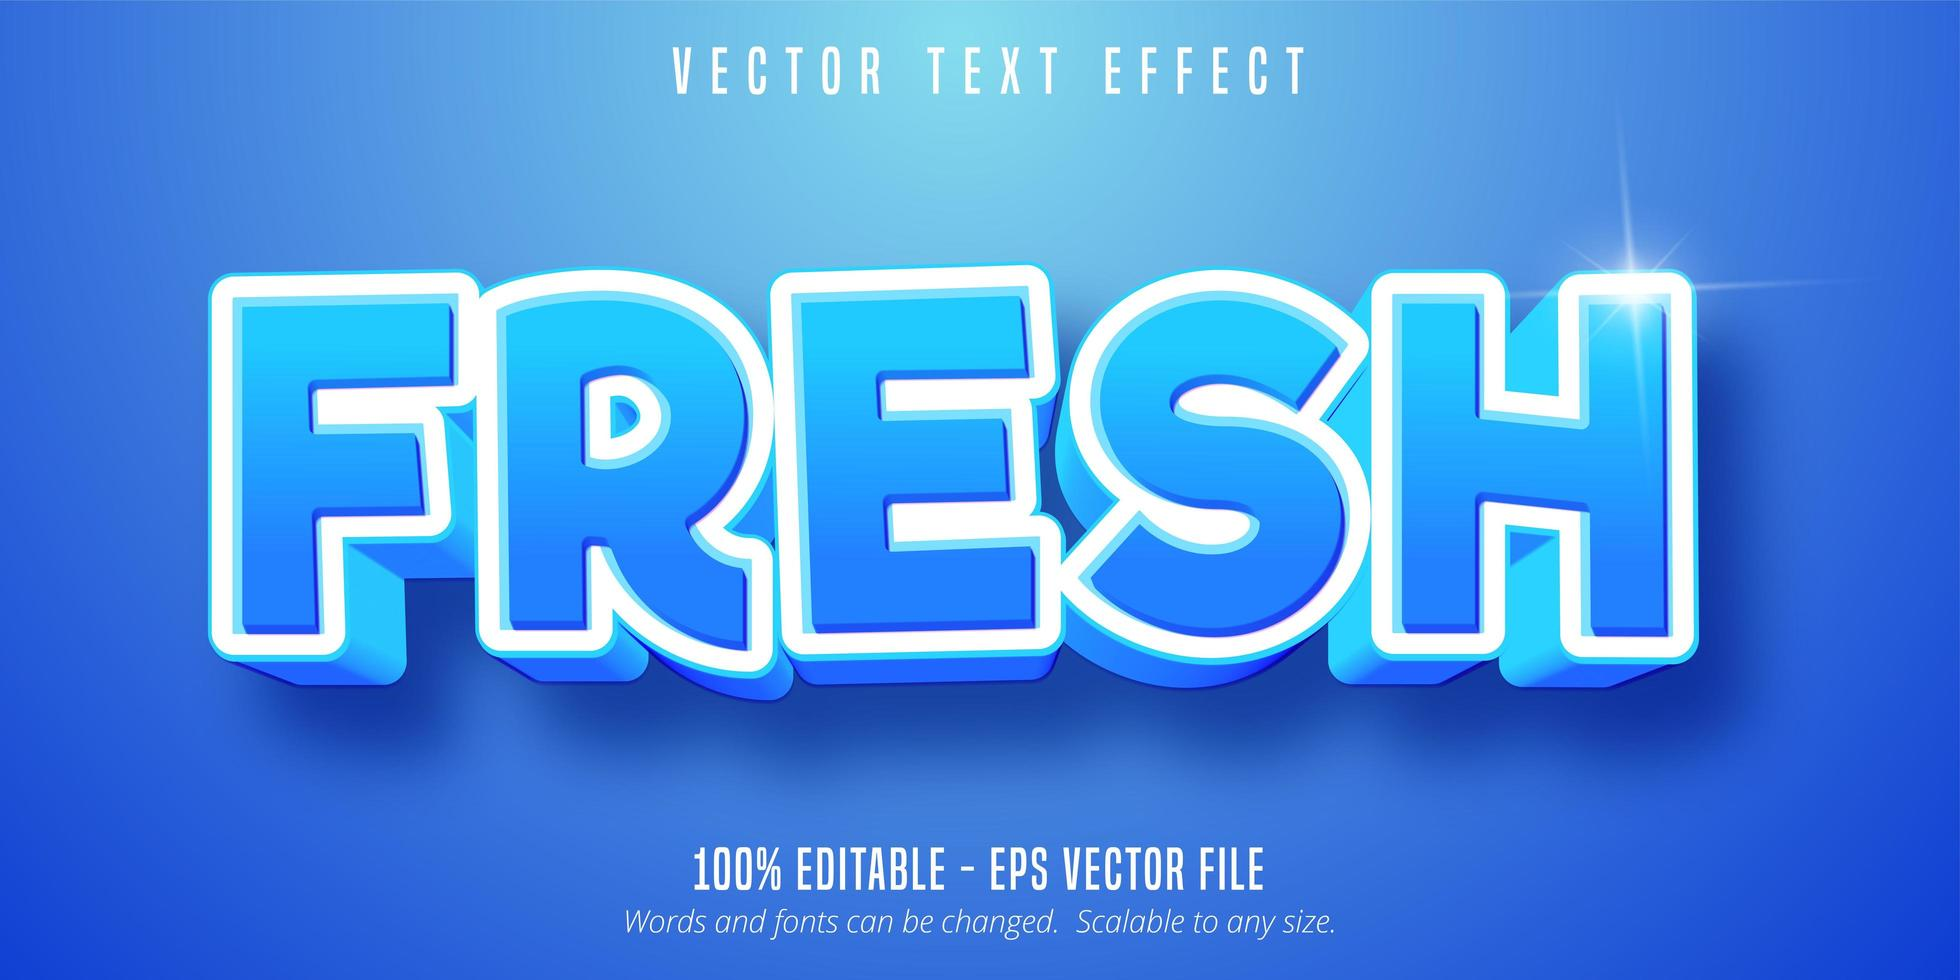 efecto de texto editable azul vector